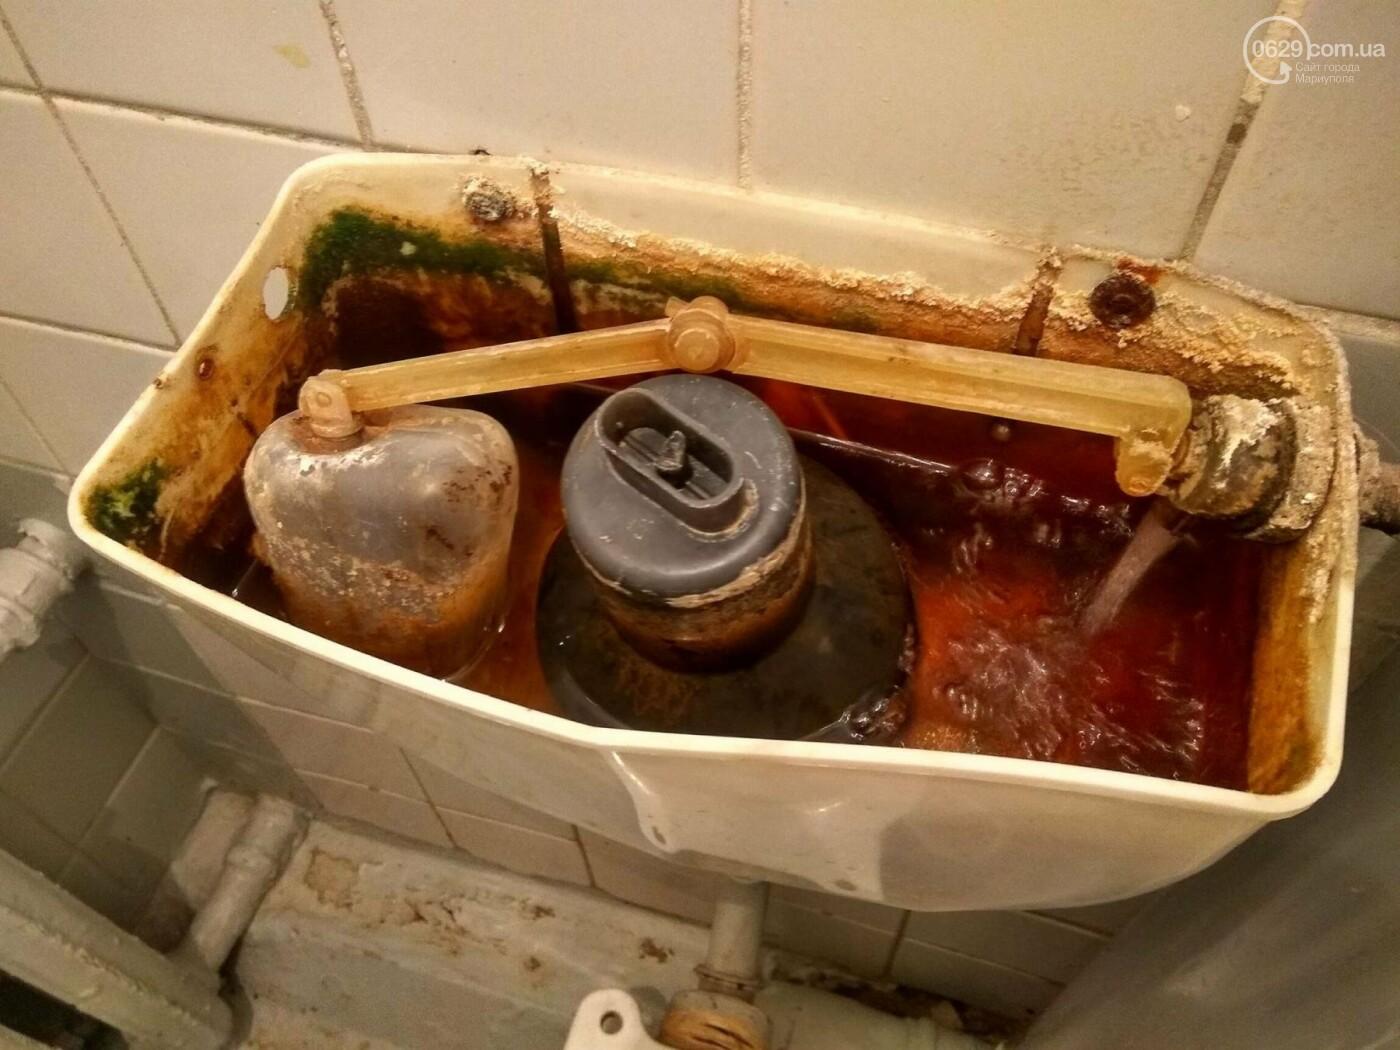 Туалет с видом на море, зимний сад и старые матрацы: особенности отделения терапии горбольницы №9, фото-22